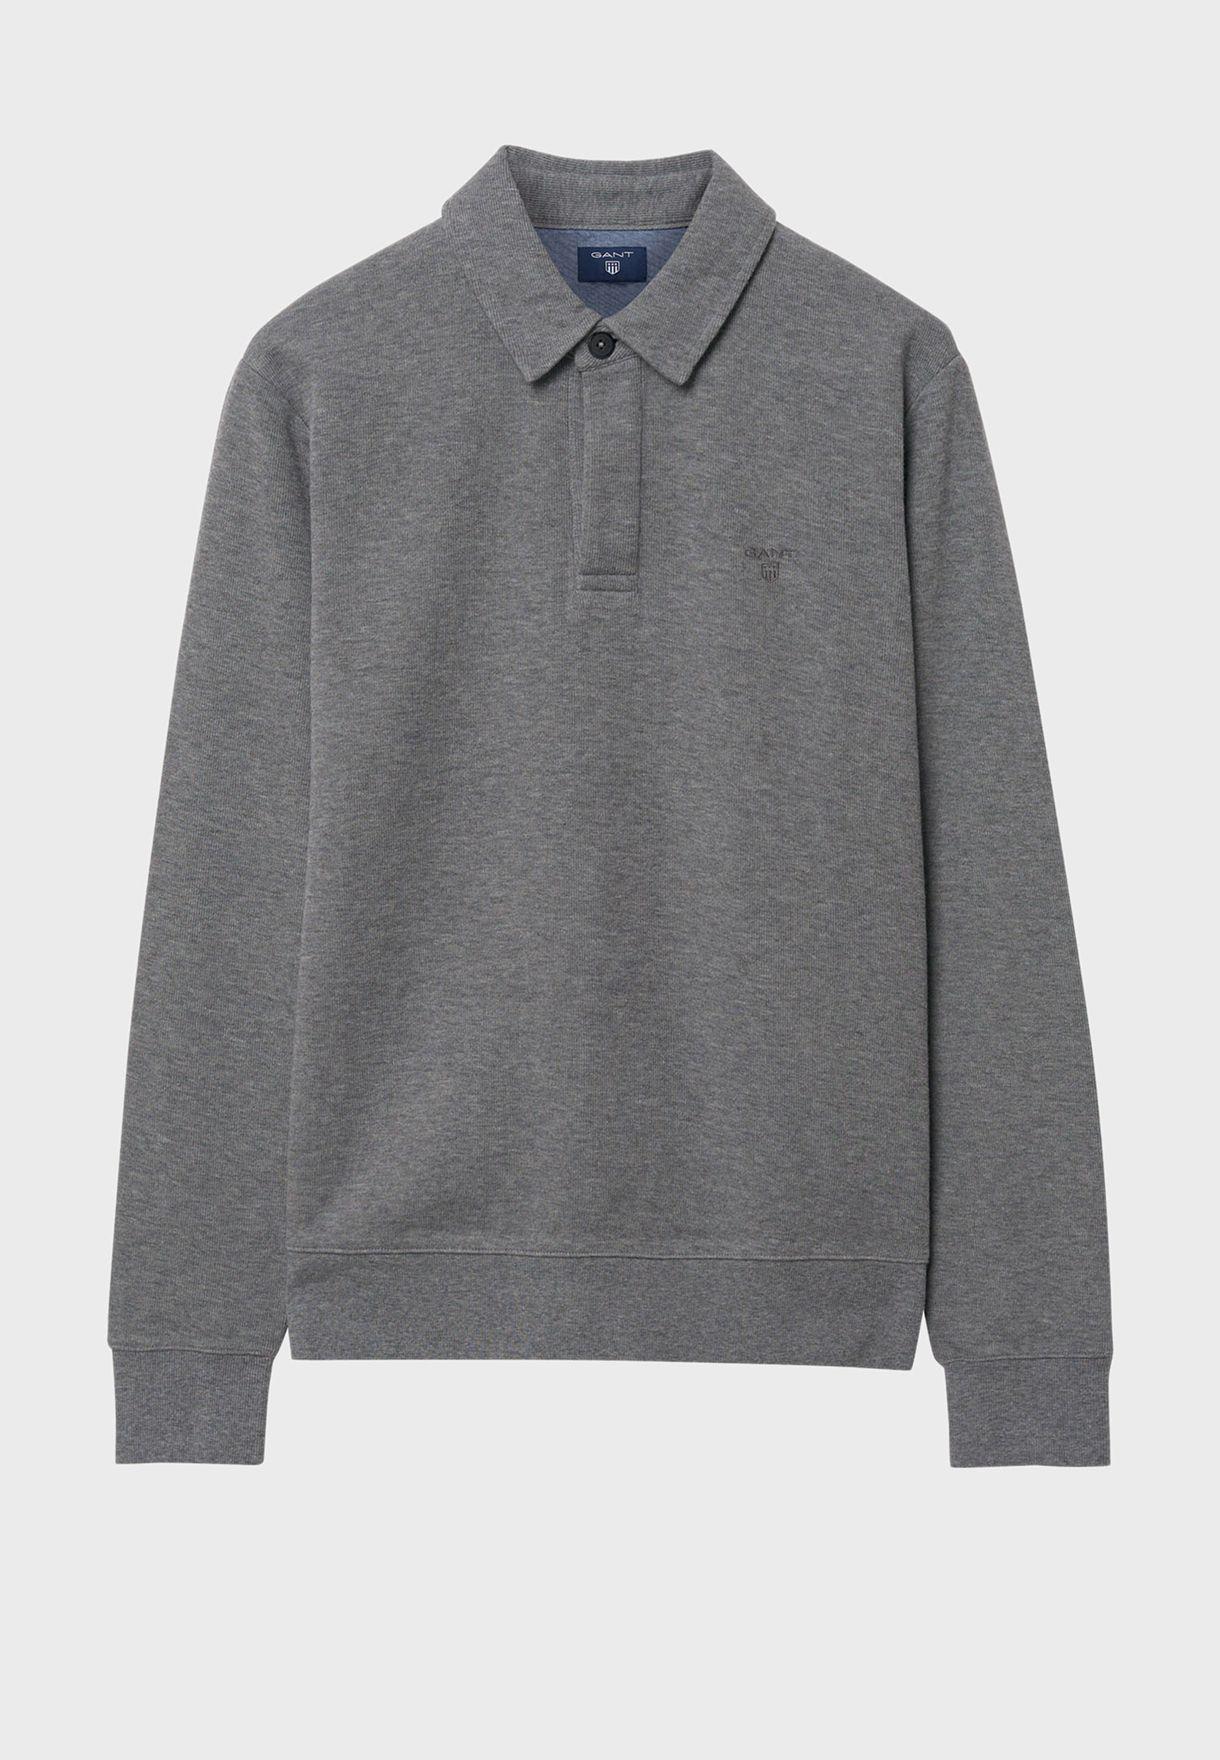 Essential Polo Sweatshirt